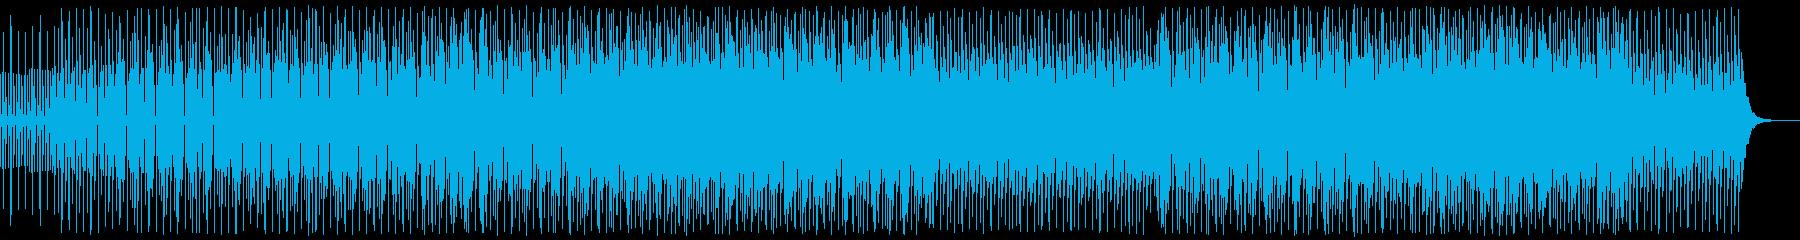 爽やかな四つ打ちの電子的なシンセポップの再生済みの波形